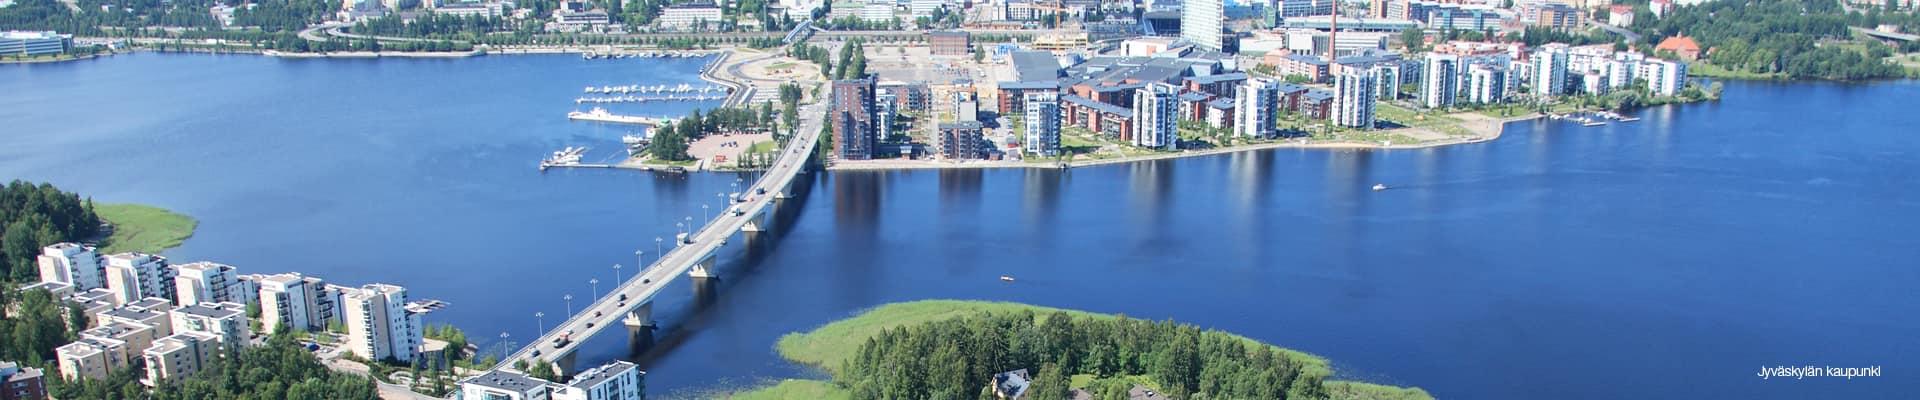 Myytävät asunnot Jyväskylässä